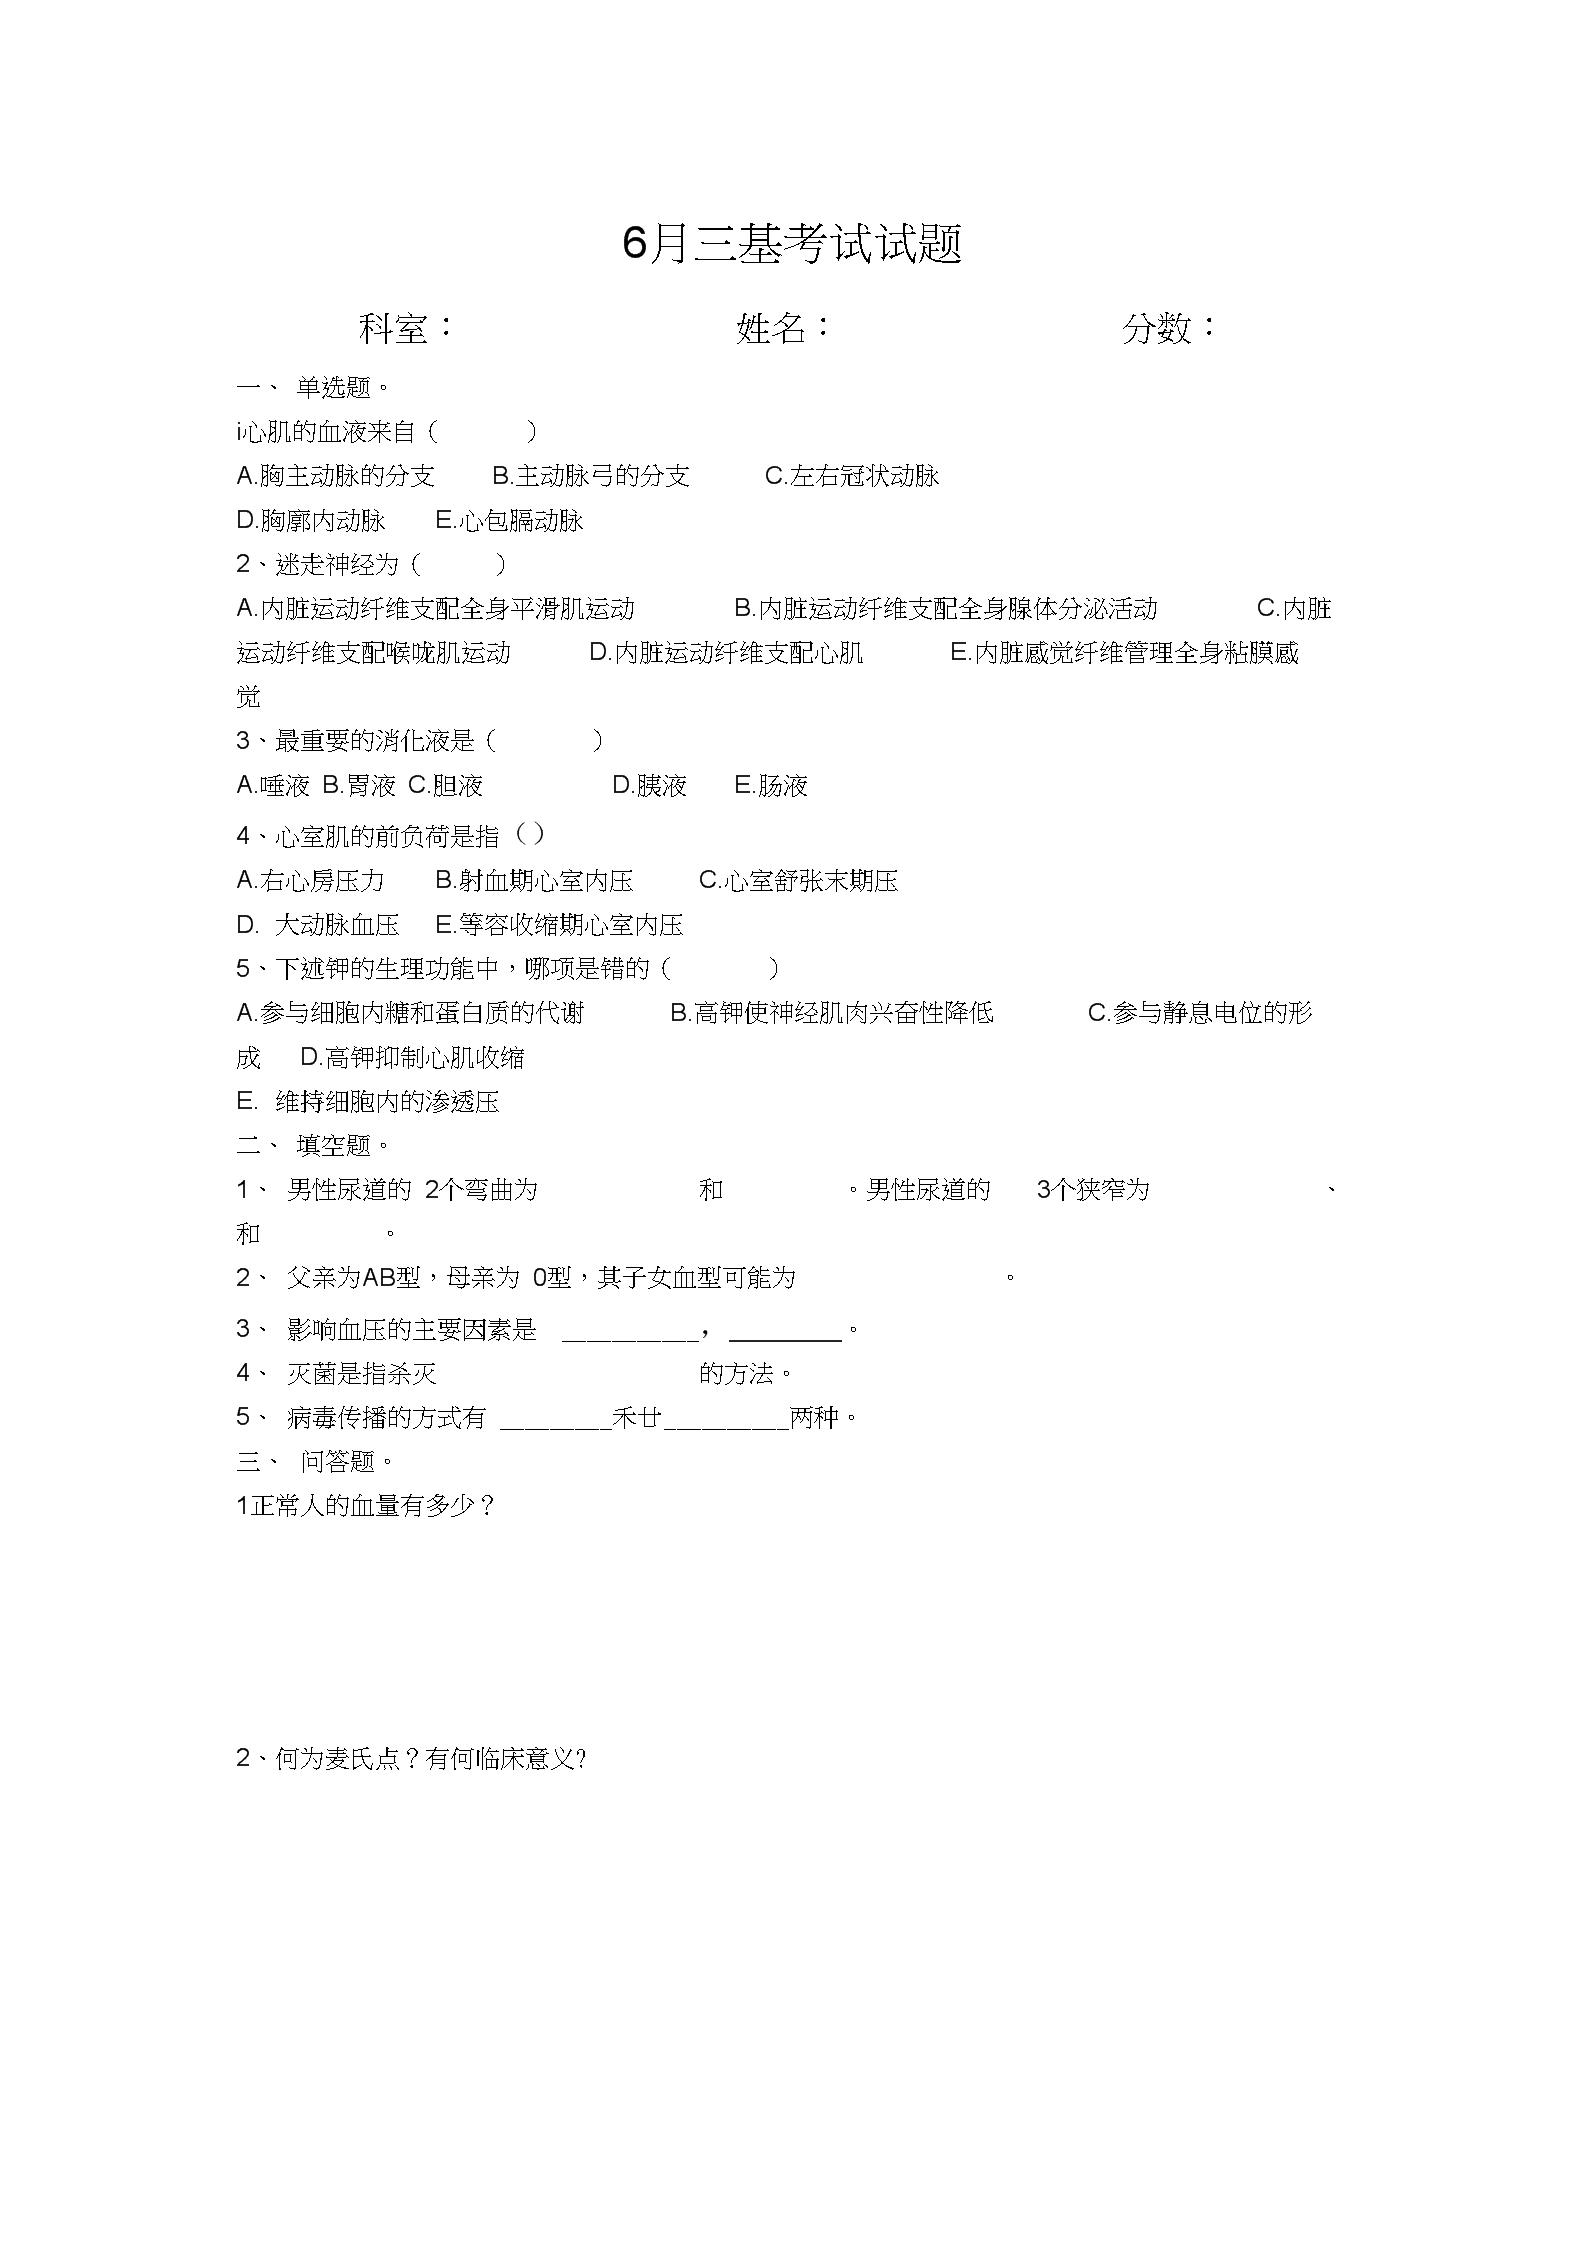 (完整版)五官科三基试题文档.docx